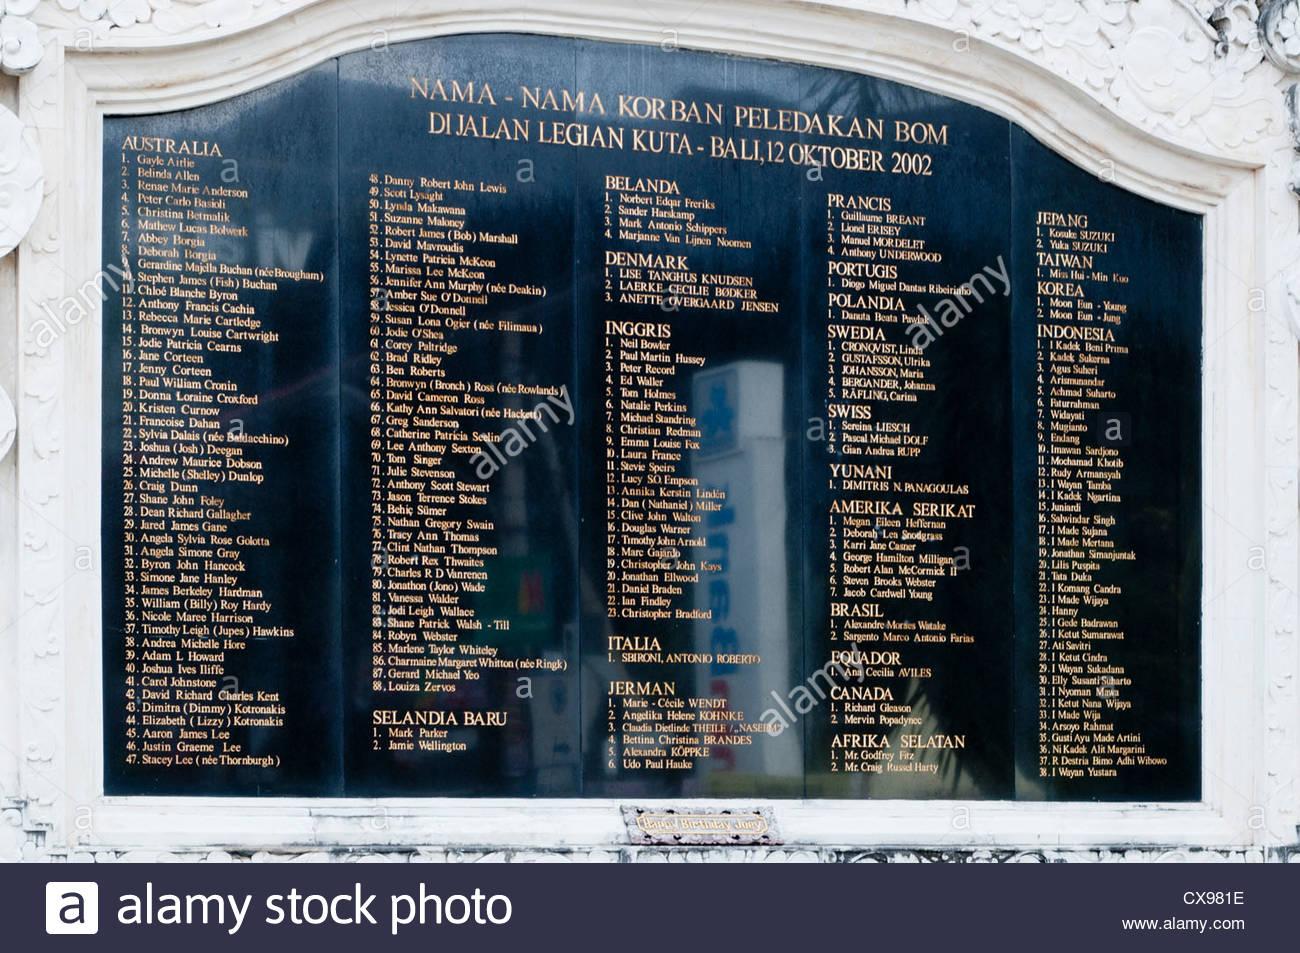 Bali Bombing Memorial Jalan Legian Kuta Memory Victims 12 October